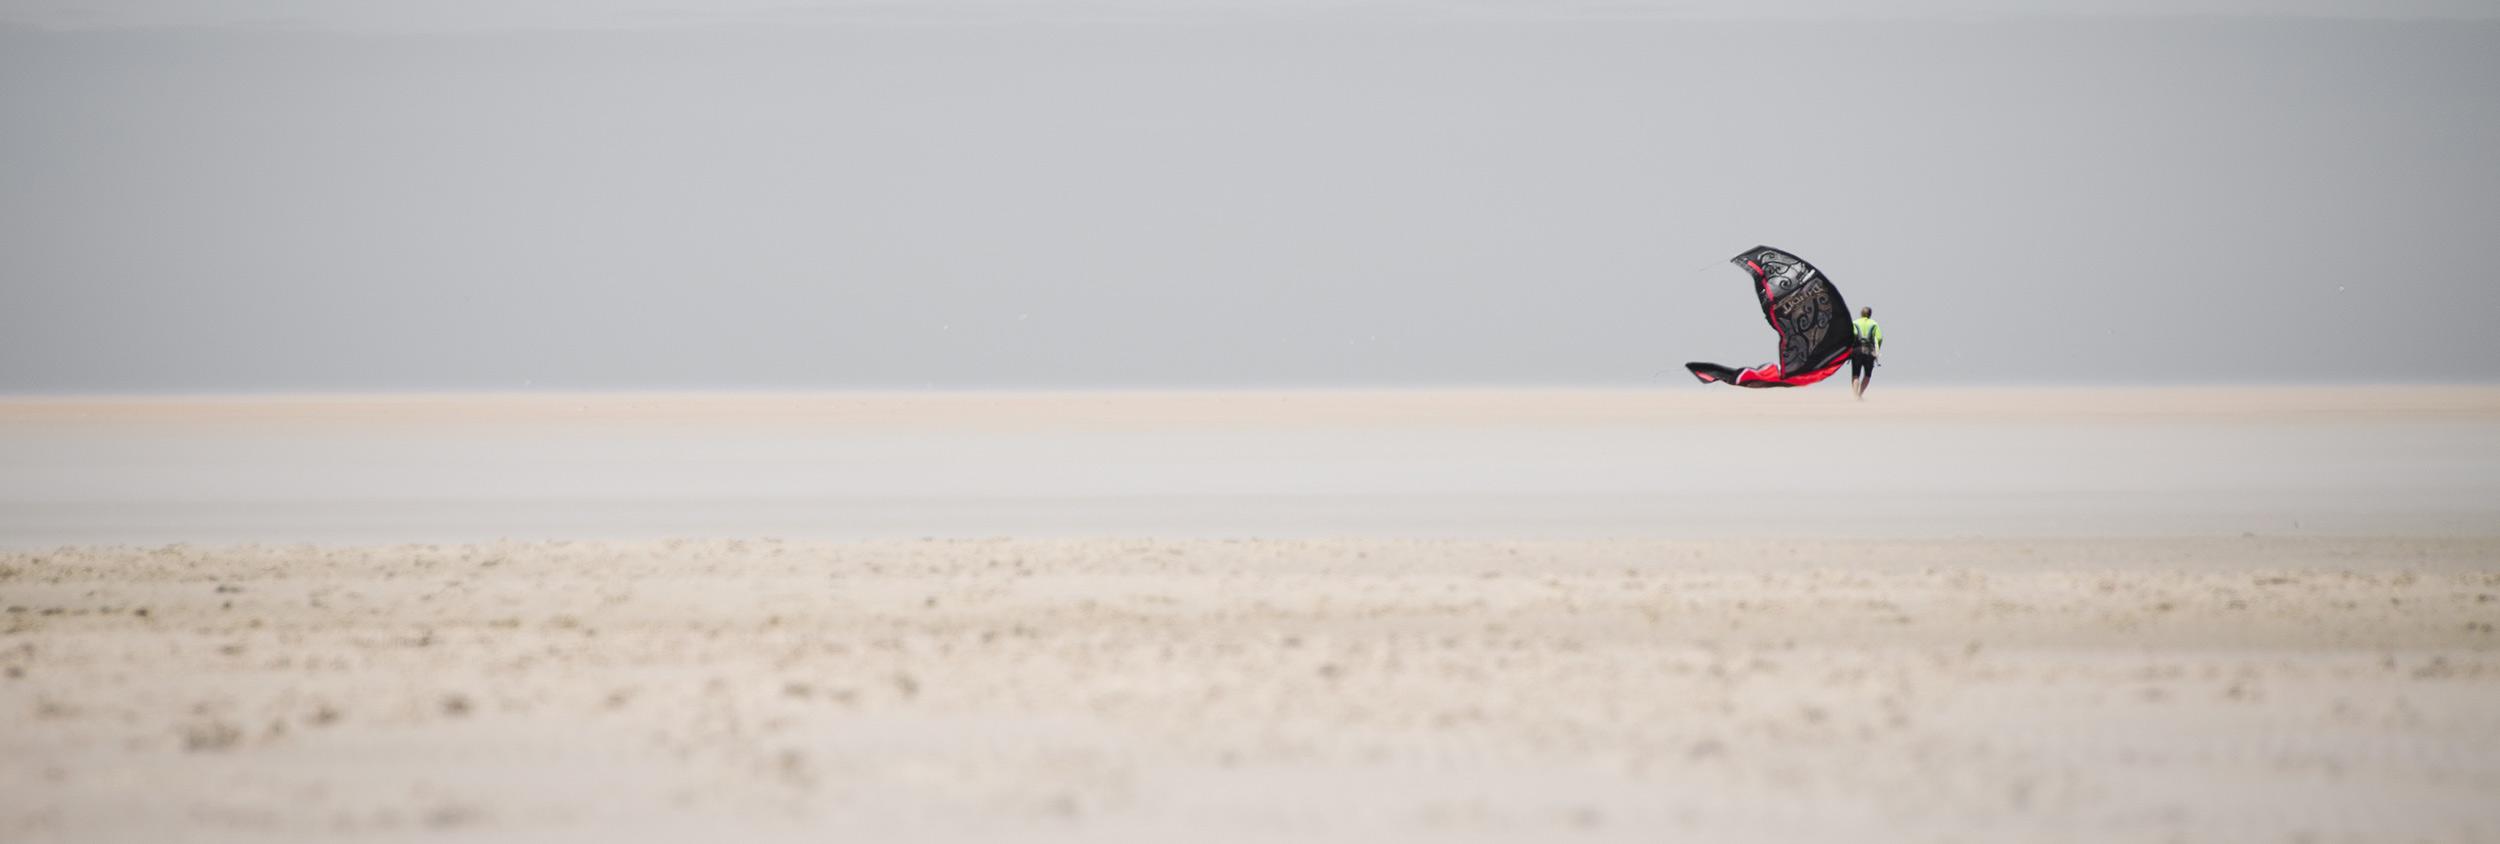 Kitesurfer at Dakhla, Morocco by Maria Enfondo